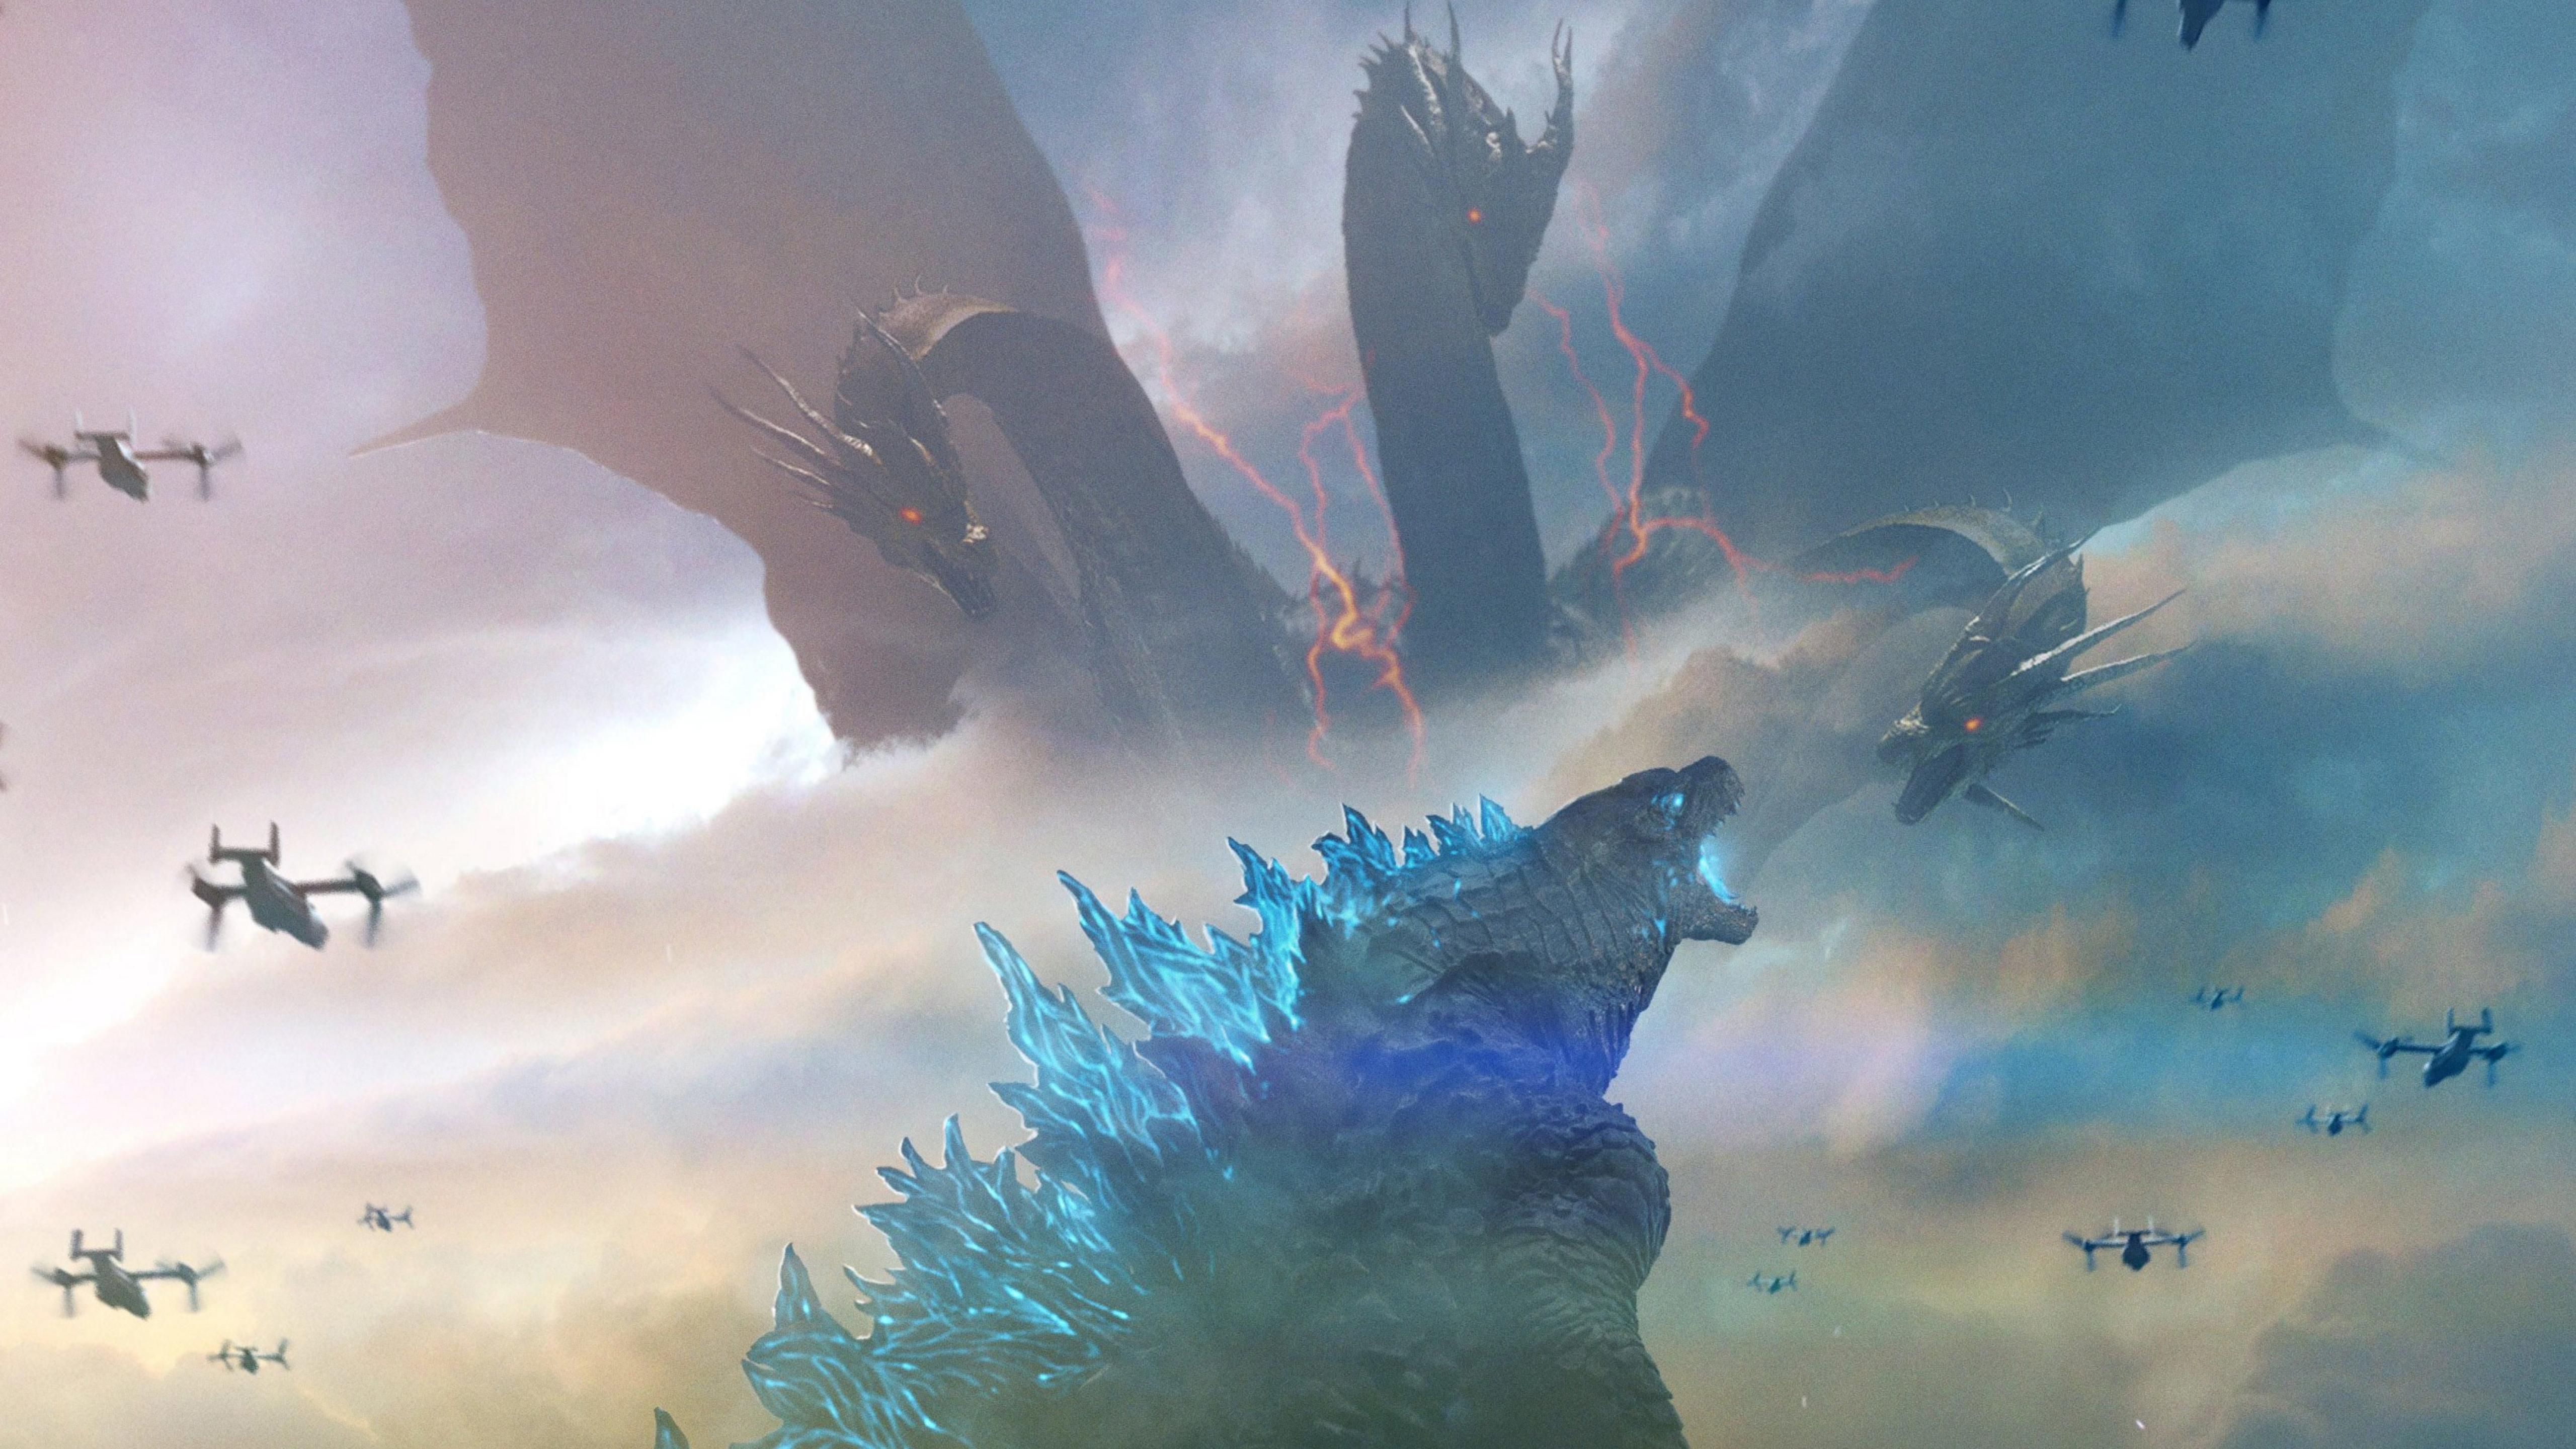 5120x2880 King of the Monsters Godzilla 5K Wallpaper, HD ...